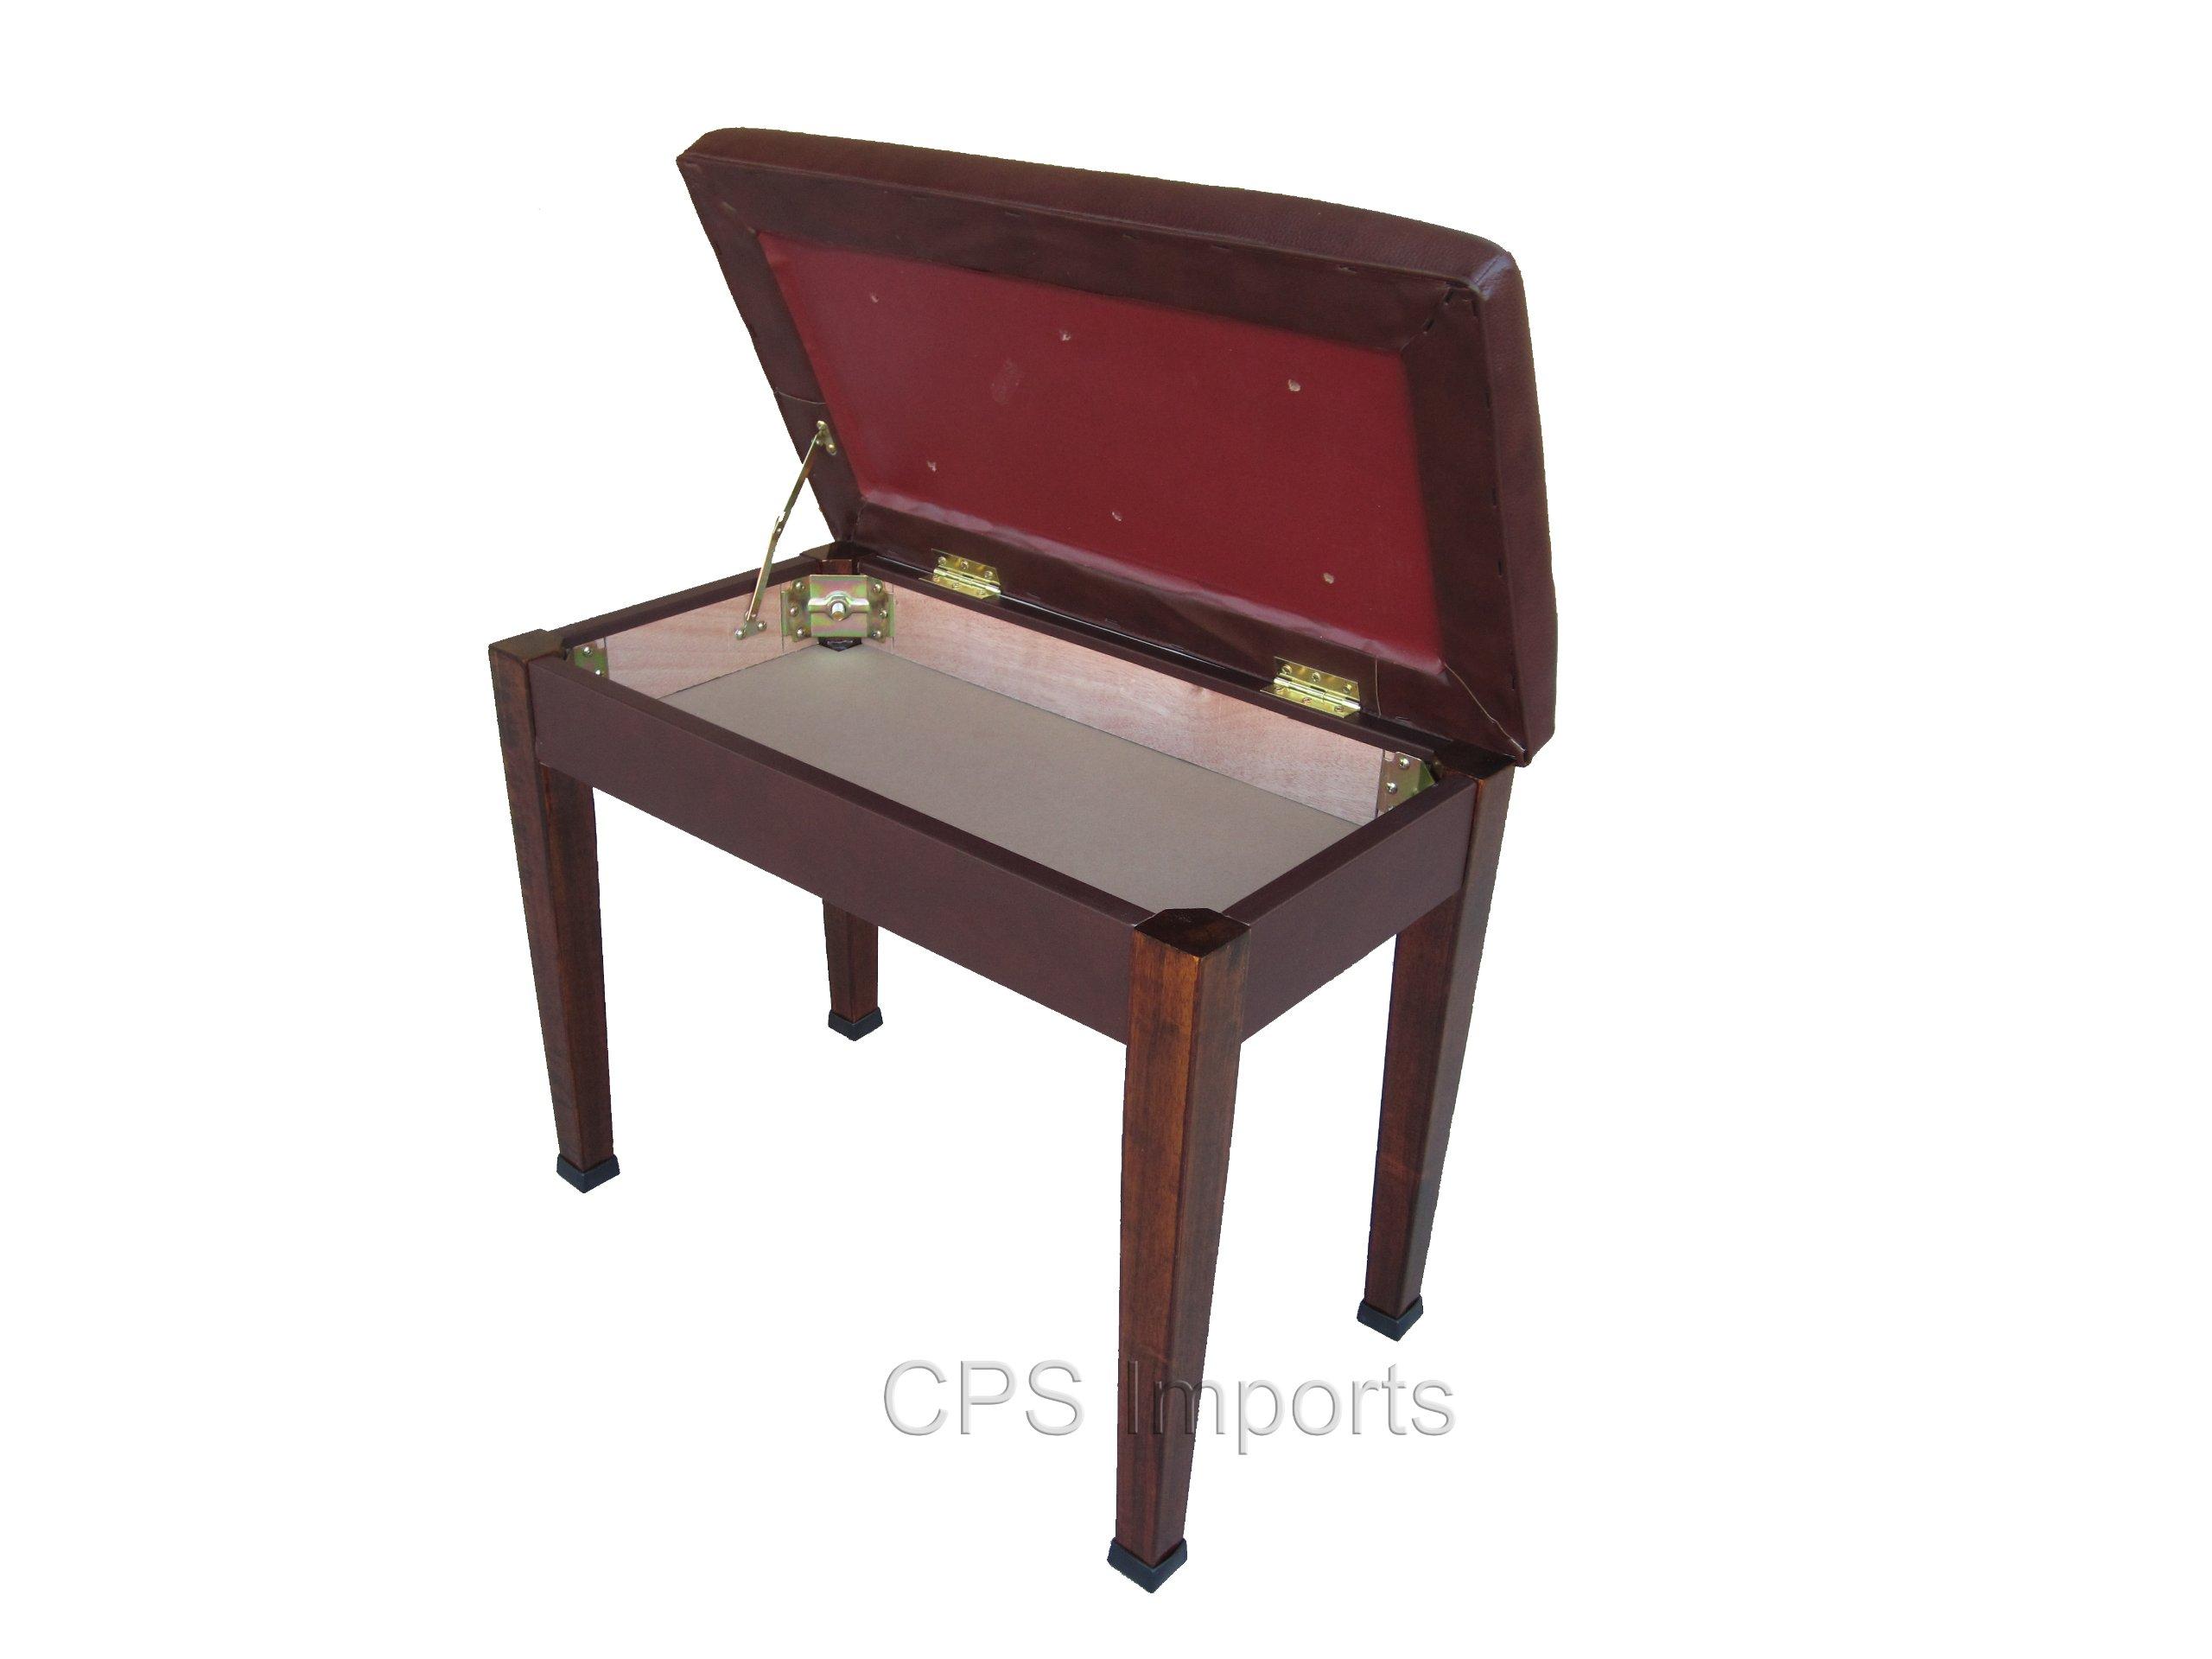 Walnut Digital Piano Bench with Music Storage